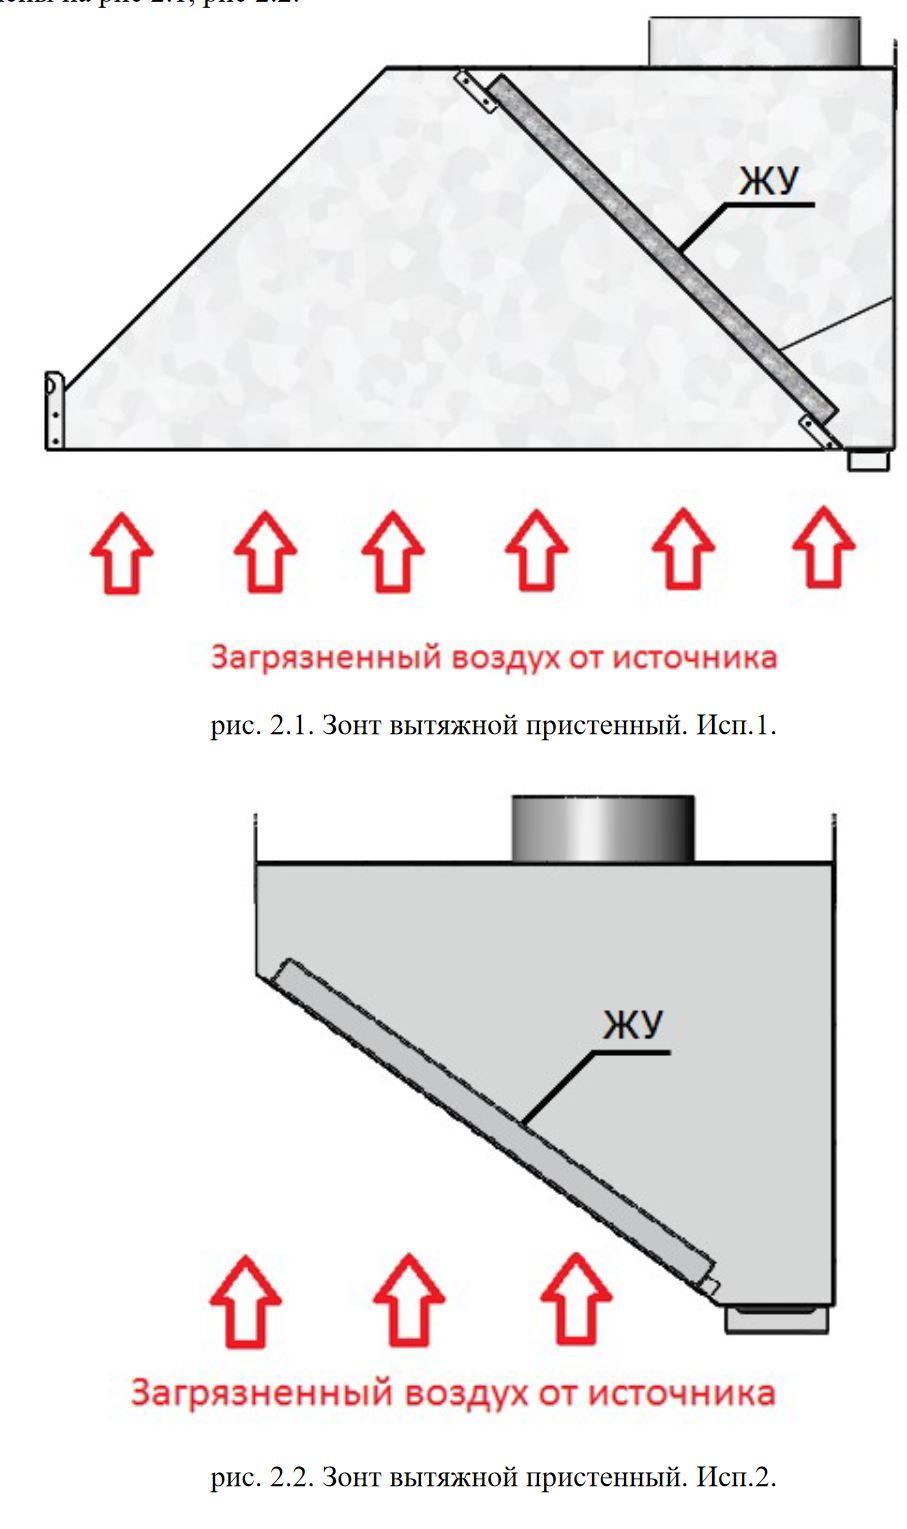 схема воздухооборота с зонтом